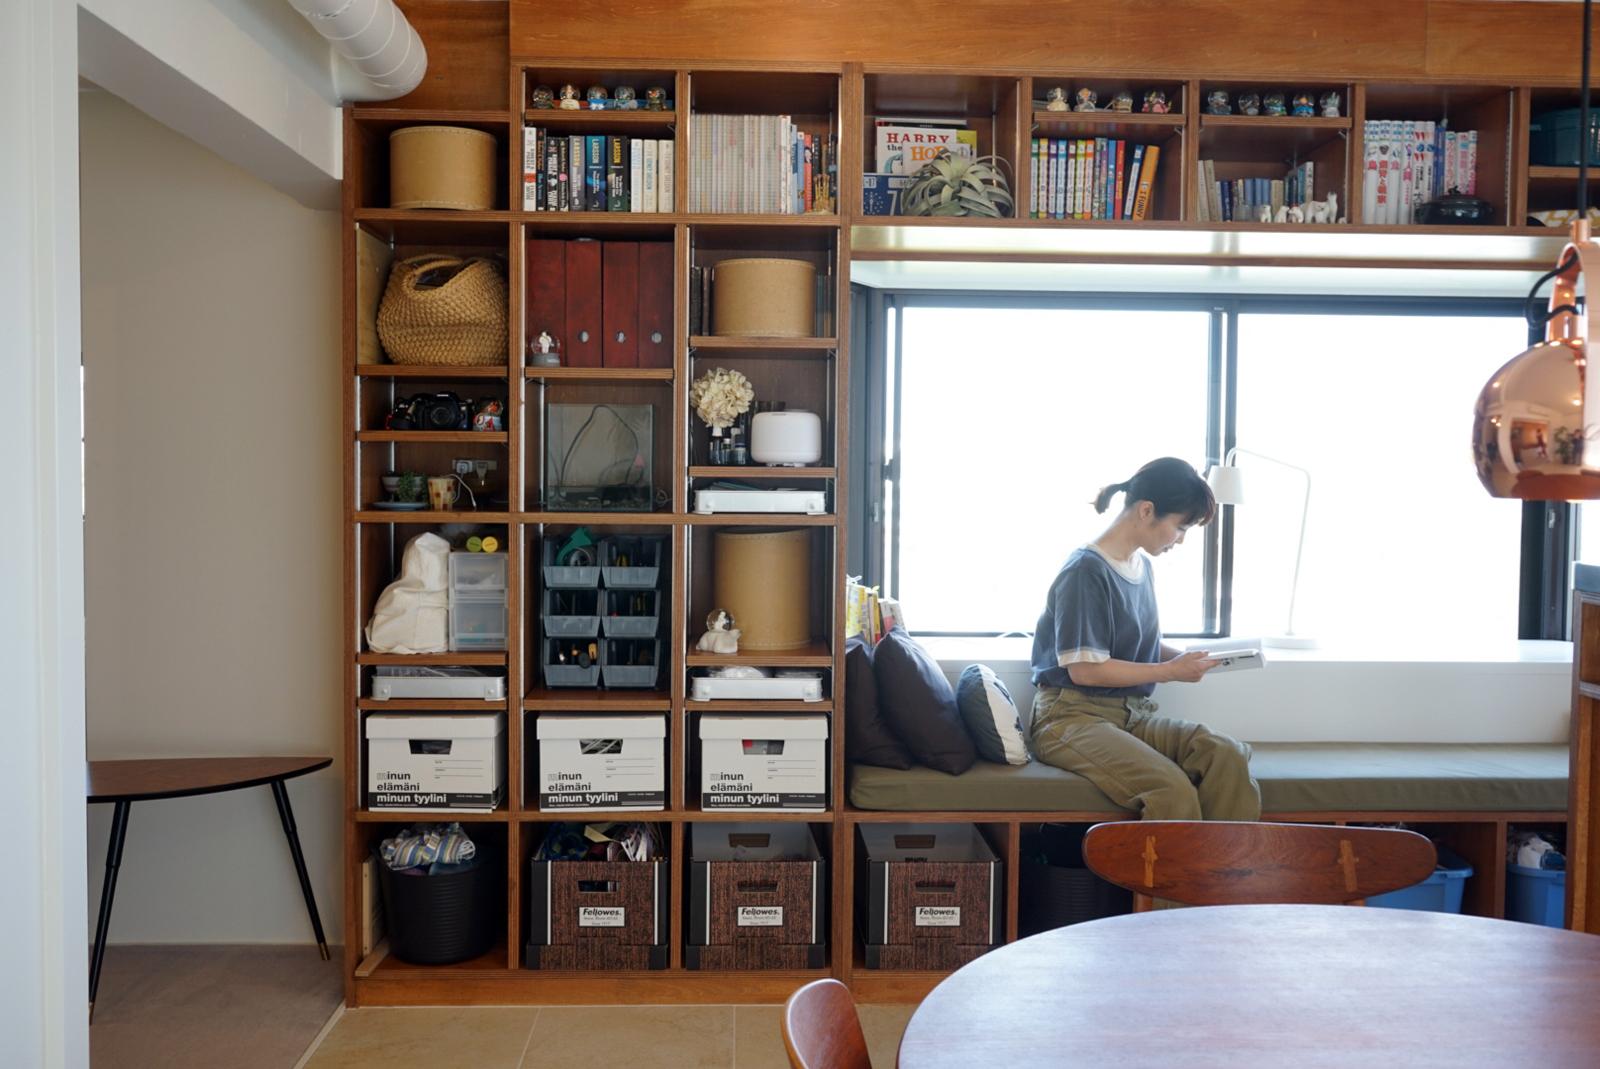 「HOUSETRAD(ハウストラッド)」のリノベーション事例「シンプルな暮らしと、北欧ヴィンテージのインテリア。理想の家をリノベーションで実現」